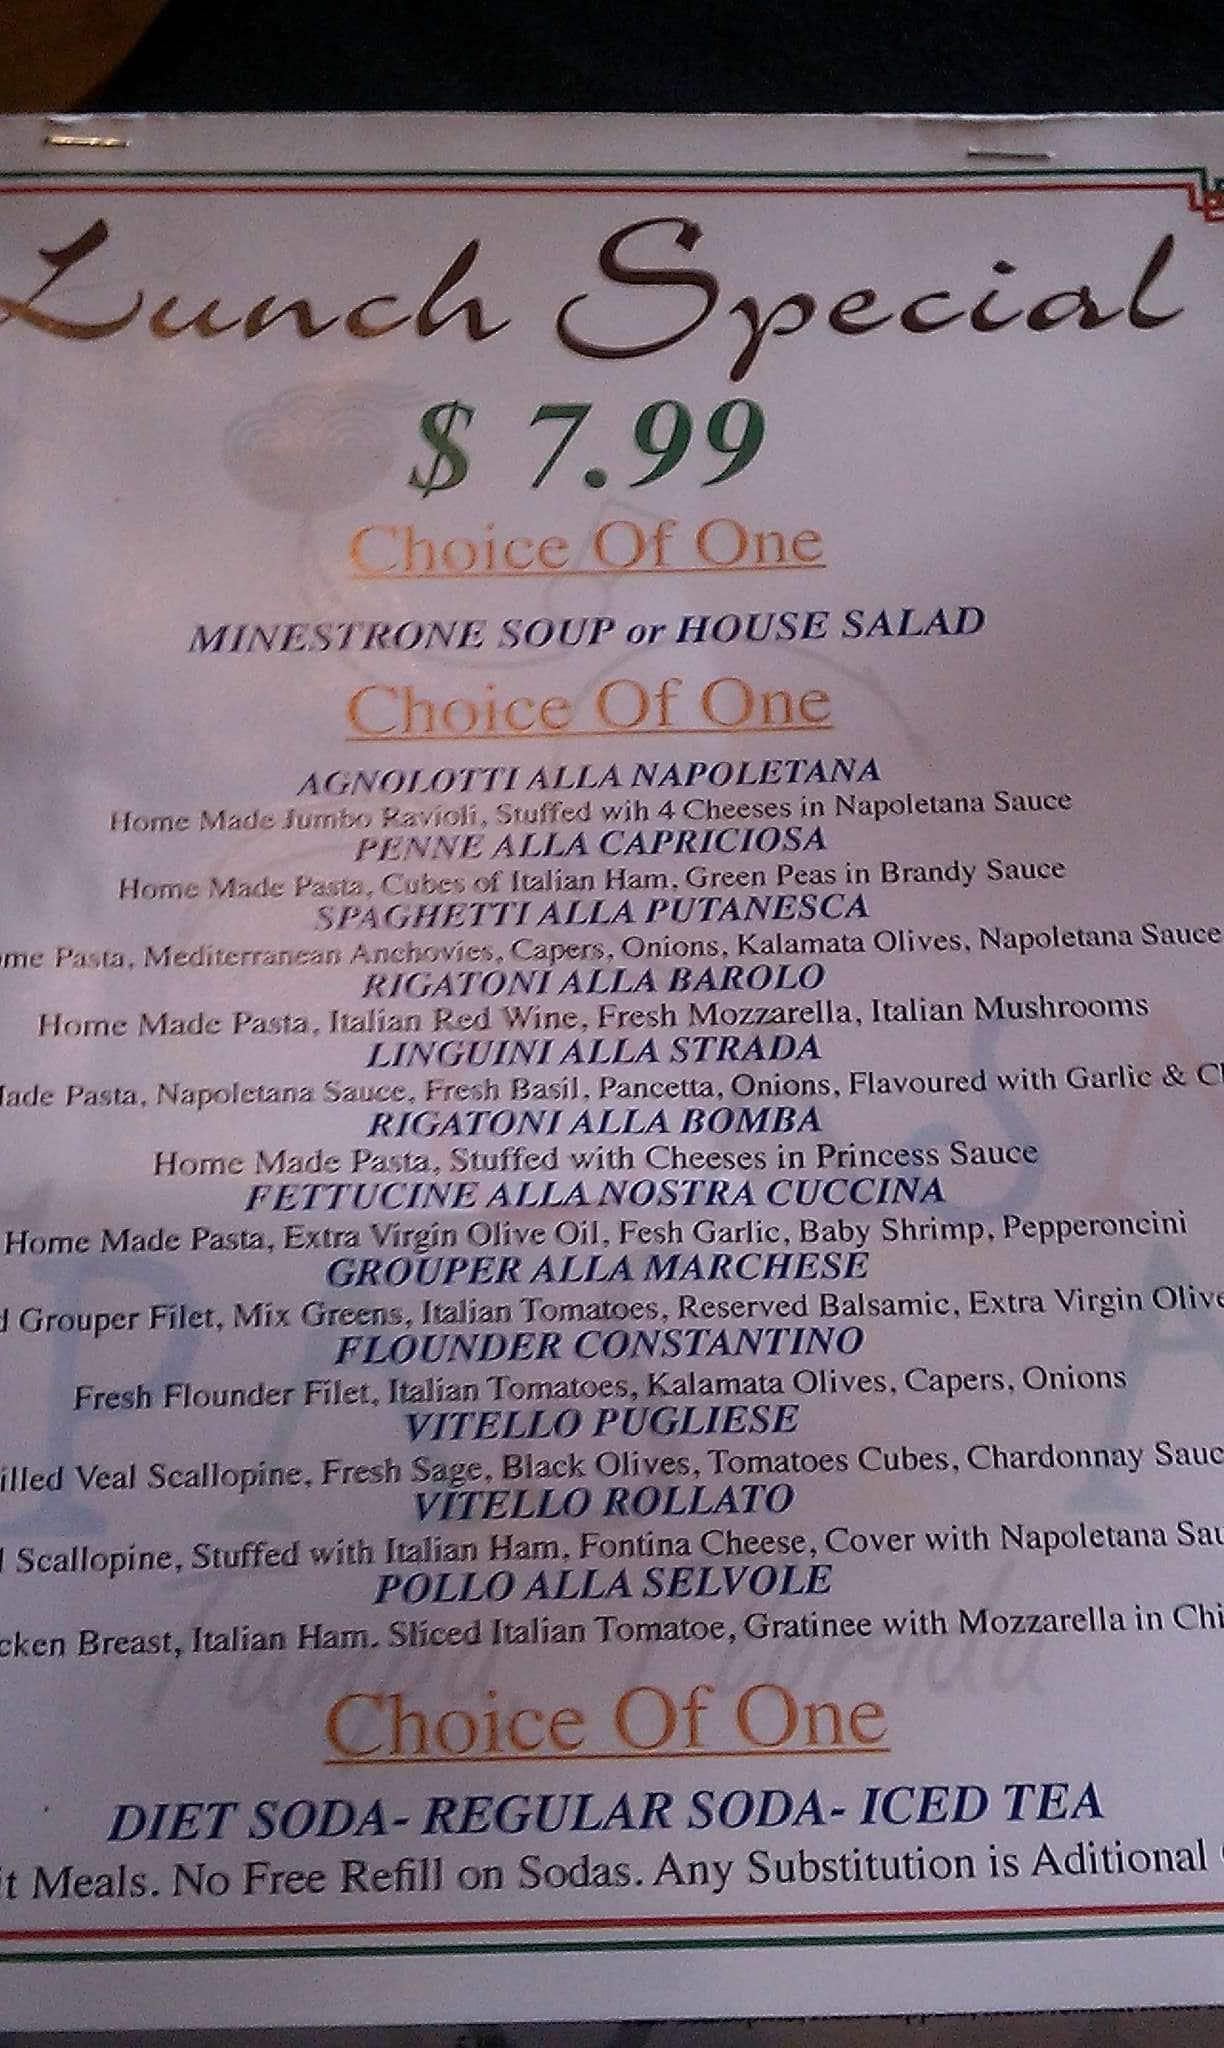 La casa della pasta a tampa bay foto del menu con prezzi for Nuove planimetrie e prezzi della casa